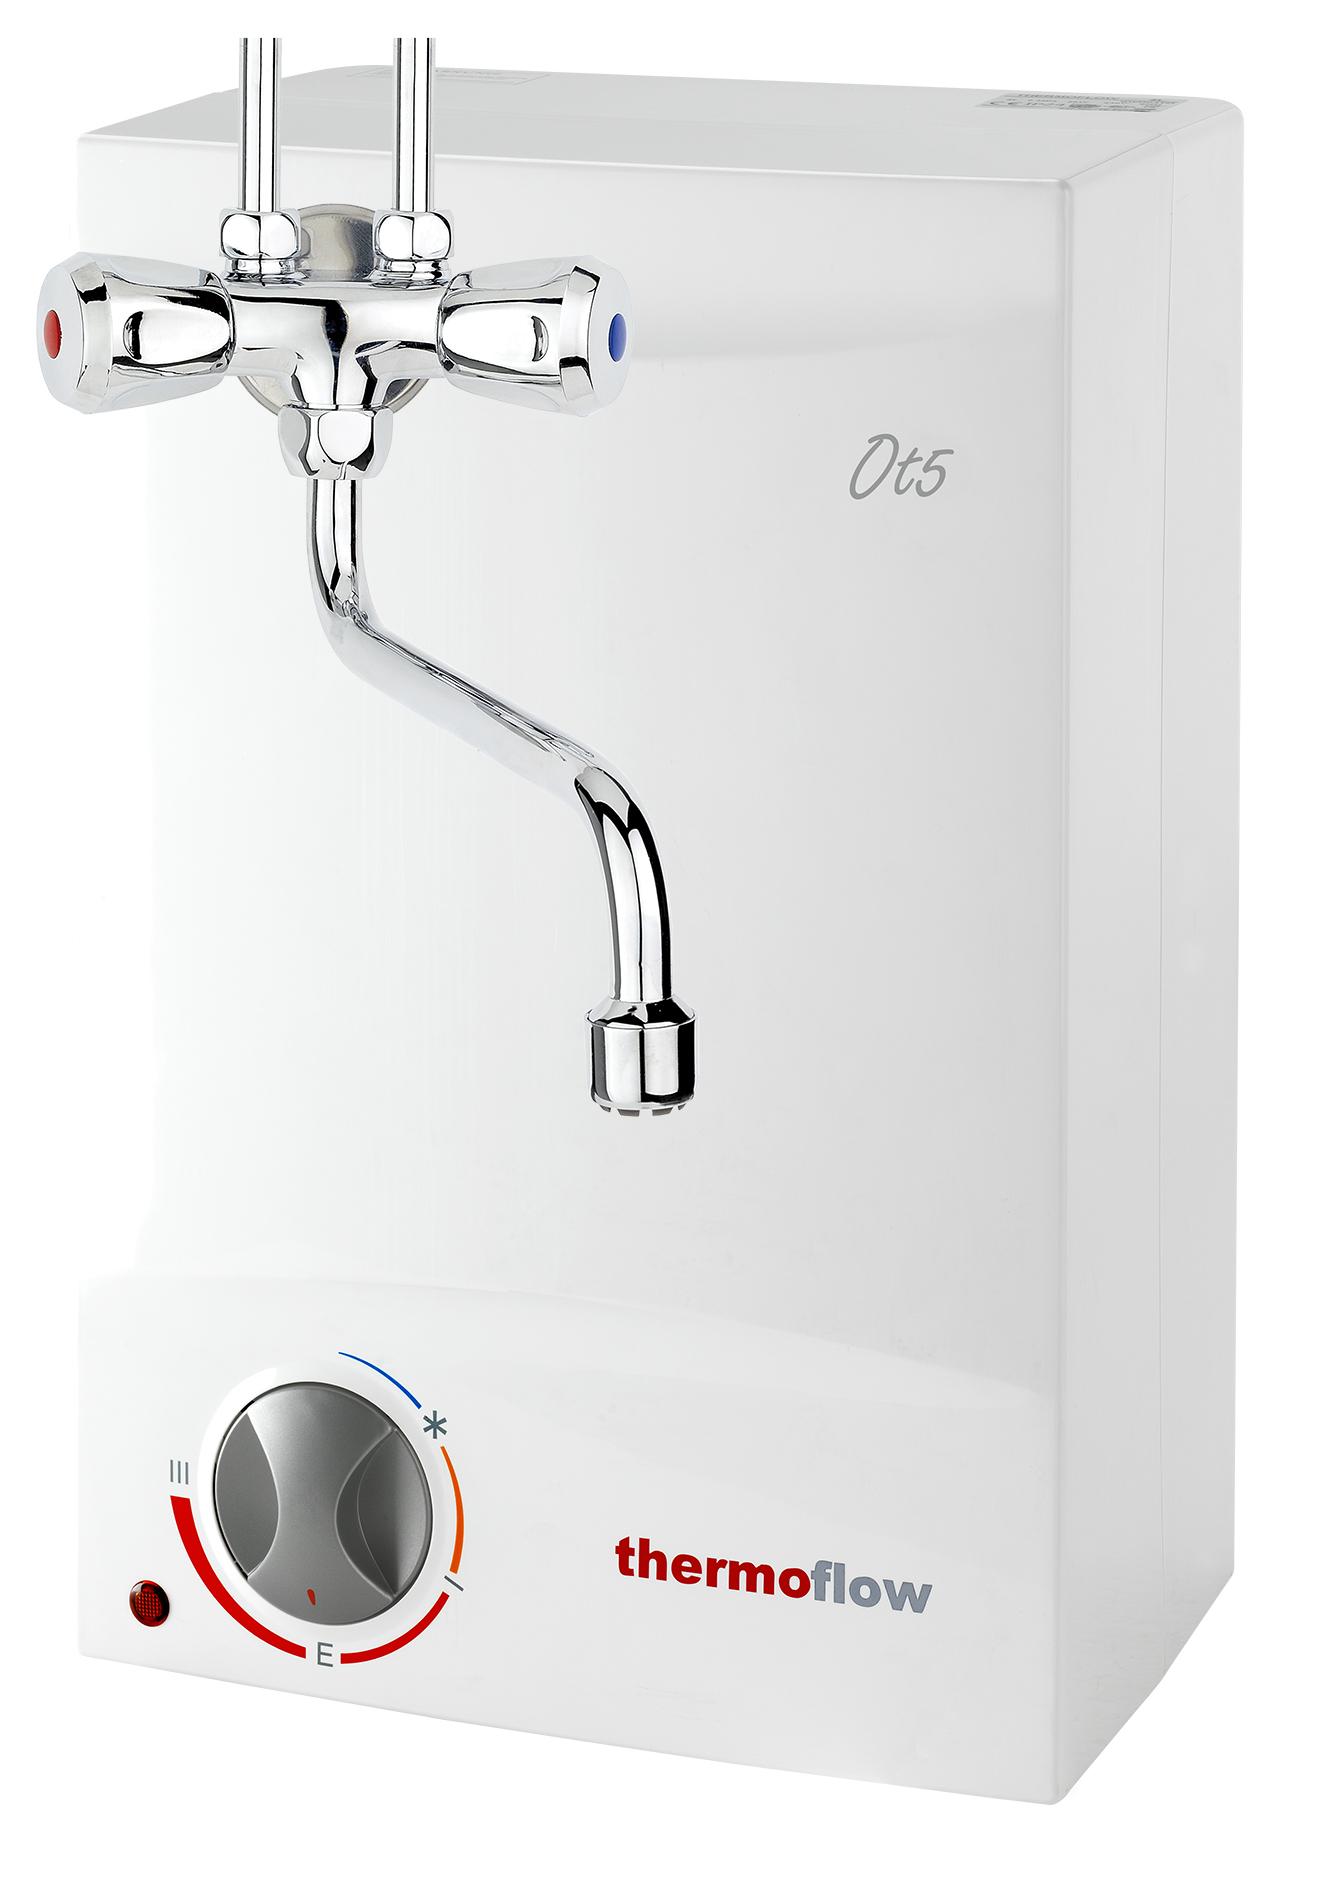 Thermoflow Obertischboiler Warmwasserspeicher 5 L Übertisch Boiler + Armatur